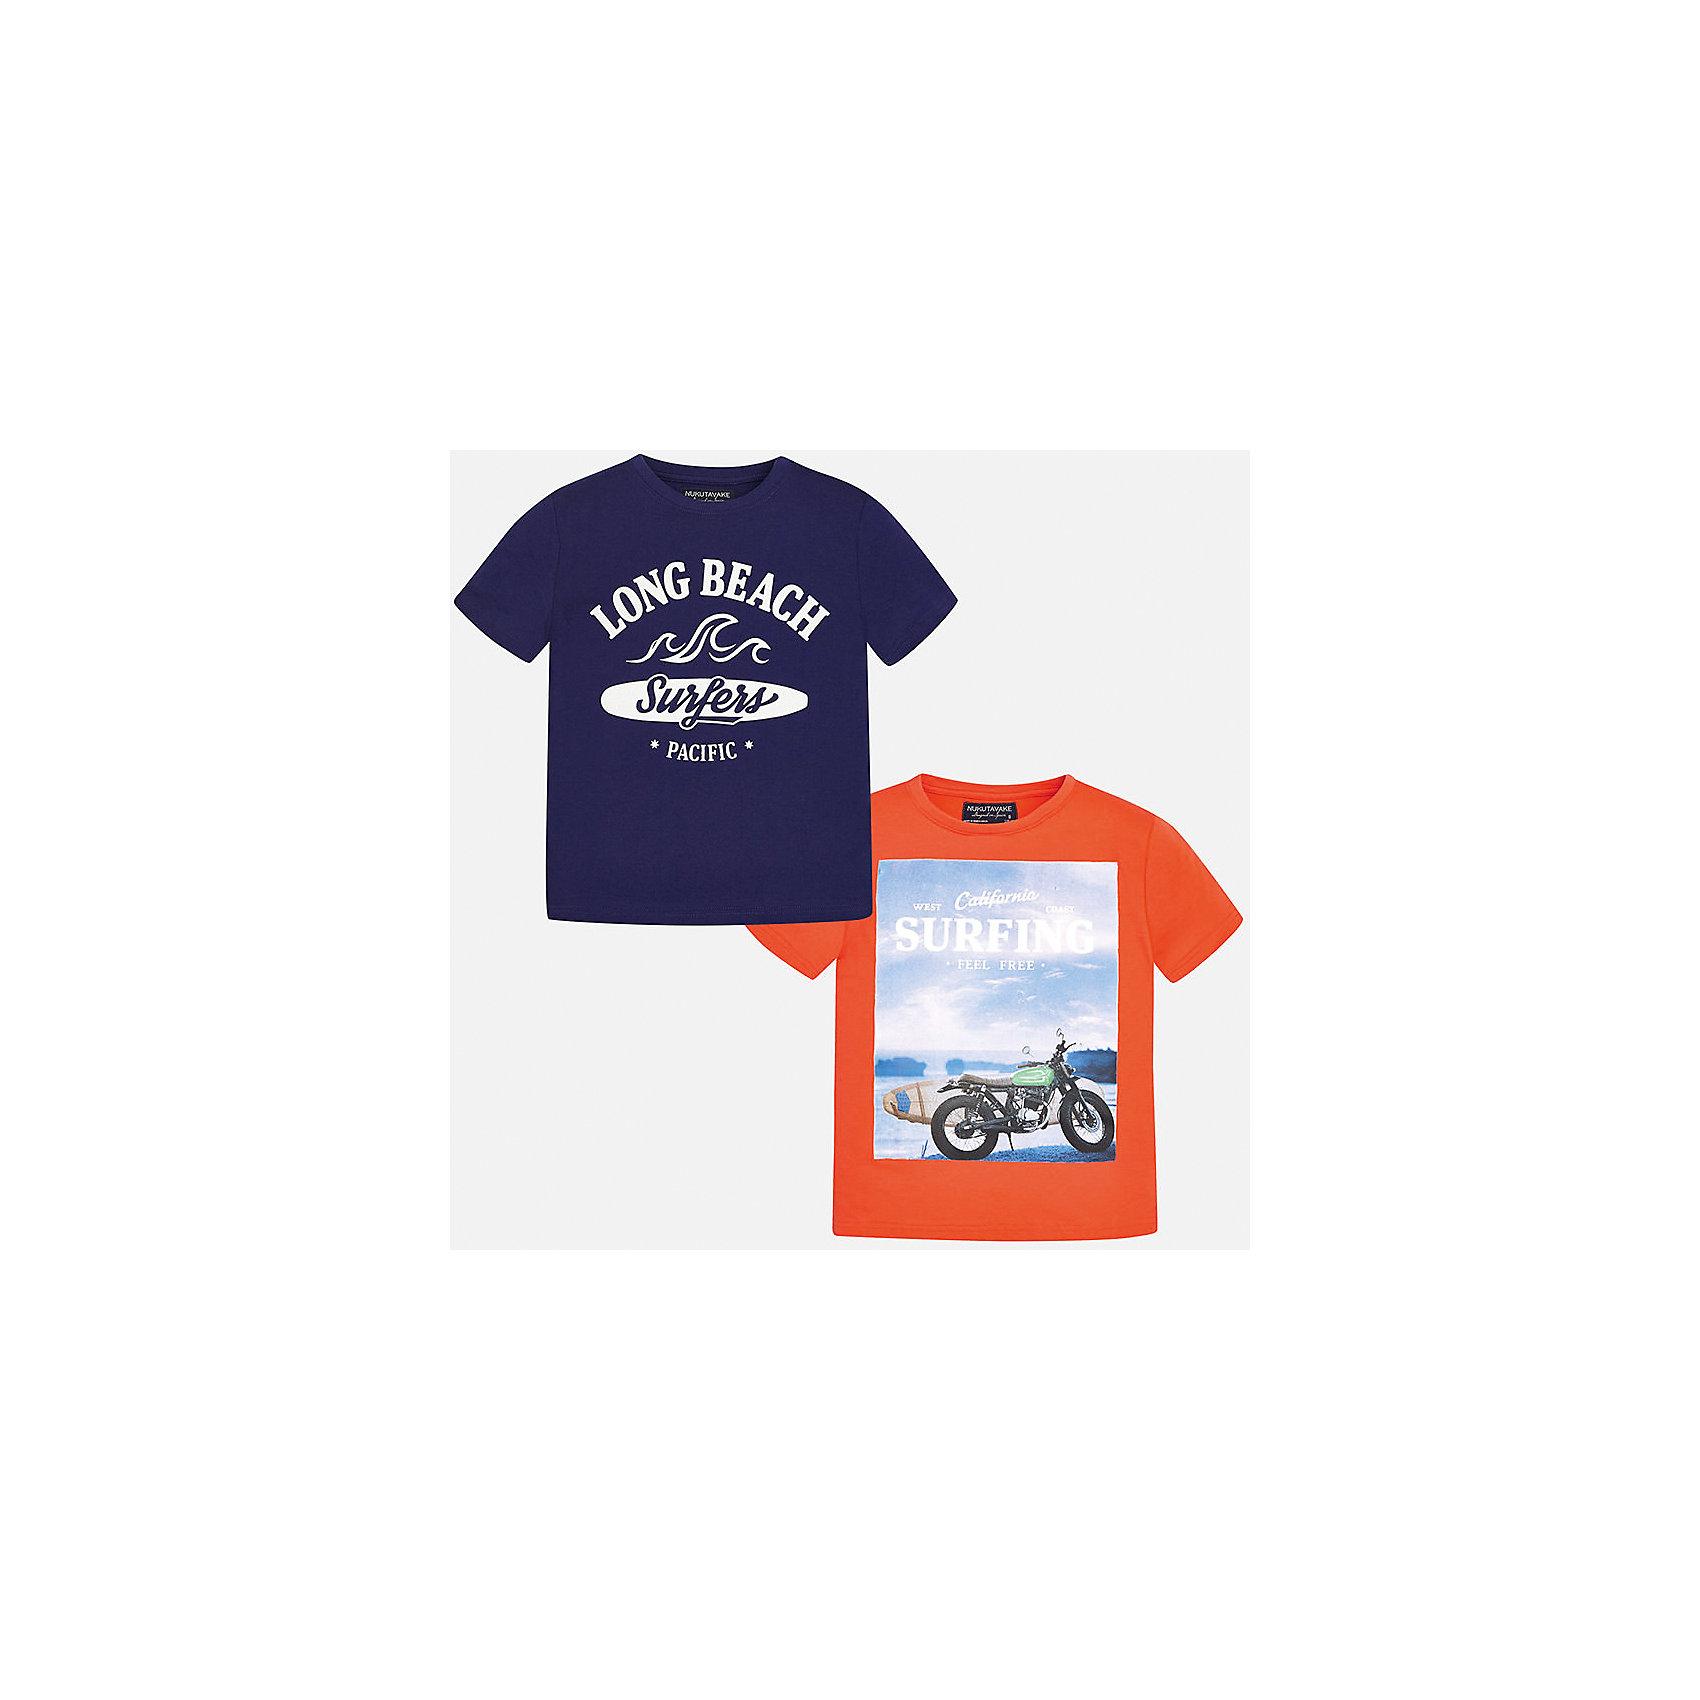 Футболка с длинным рукавом для мальчика MayoralФутболки, поло и топы<br>Характеристики товара:<br><br>• цвет: синий/оранжевый<br>• состав: 100% хлопок<br>• комплектация: 2 шт<br>• круглый горловой вырез<br>• декорированы принтом<br>• короткие рукава<br>• мягкая отделка горловины<br>• страна бренда: Испания<br><br>Модная удобная футболка с принтом поможет разнообразить гардероб мальчика. Она отлично сочетается с брюками, шортами, джинсами. Универсальный крой и цвет позволяет подобрать к вещи низ разных расцветок. Практичное и стильное изделие! Хорошо смотрится и комфортно сидит на детях. В составе материала - только натуральный хлопок, гипоаллергенный, приятный на ощупь, дышащий. В этом комплекте - сразу две стильные футболки!<br><br>Одежда, обувь и аксессуары от испанского бренда Mayoral полюбились детям и взрослым по всему миру. Модели этой марки - стильные и удобные. Для их производства используются только безопасные, качественные материалы и фурнитура. Порадуйте ребенка модными и красивыми вещами от Mayoral! <br><br>Футболку (2 шт.) для мальчика от испанского бренда Mayoral (Майорал) можно купить в нашем интернет-магазине.<br><br>Ширина мм: 230<br>Глубина мм: 40<br>Высота мм: 220<br>Вес г: 250<br>Цвет: черный<br>Возраст от месяцев: 144<br>Возраст до месяцев: 156<br>Пол: Мужской<br>Возраст: Детский<br>Размер: 164,128/134,140,152,158,170<br>SKU: 5281360